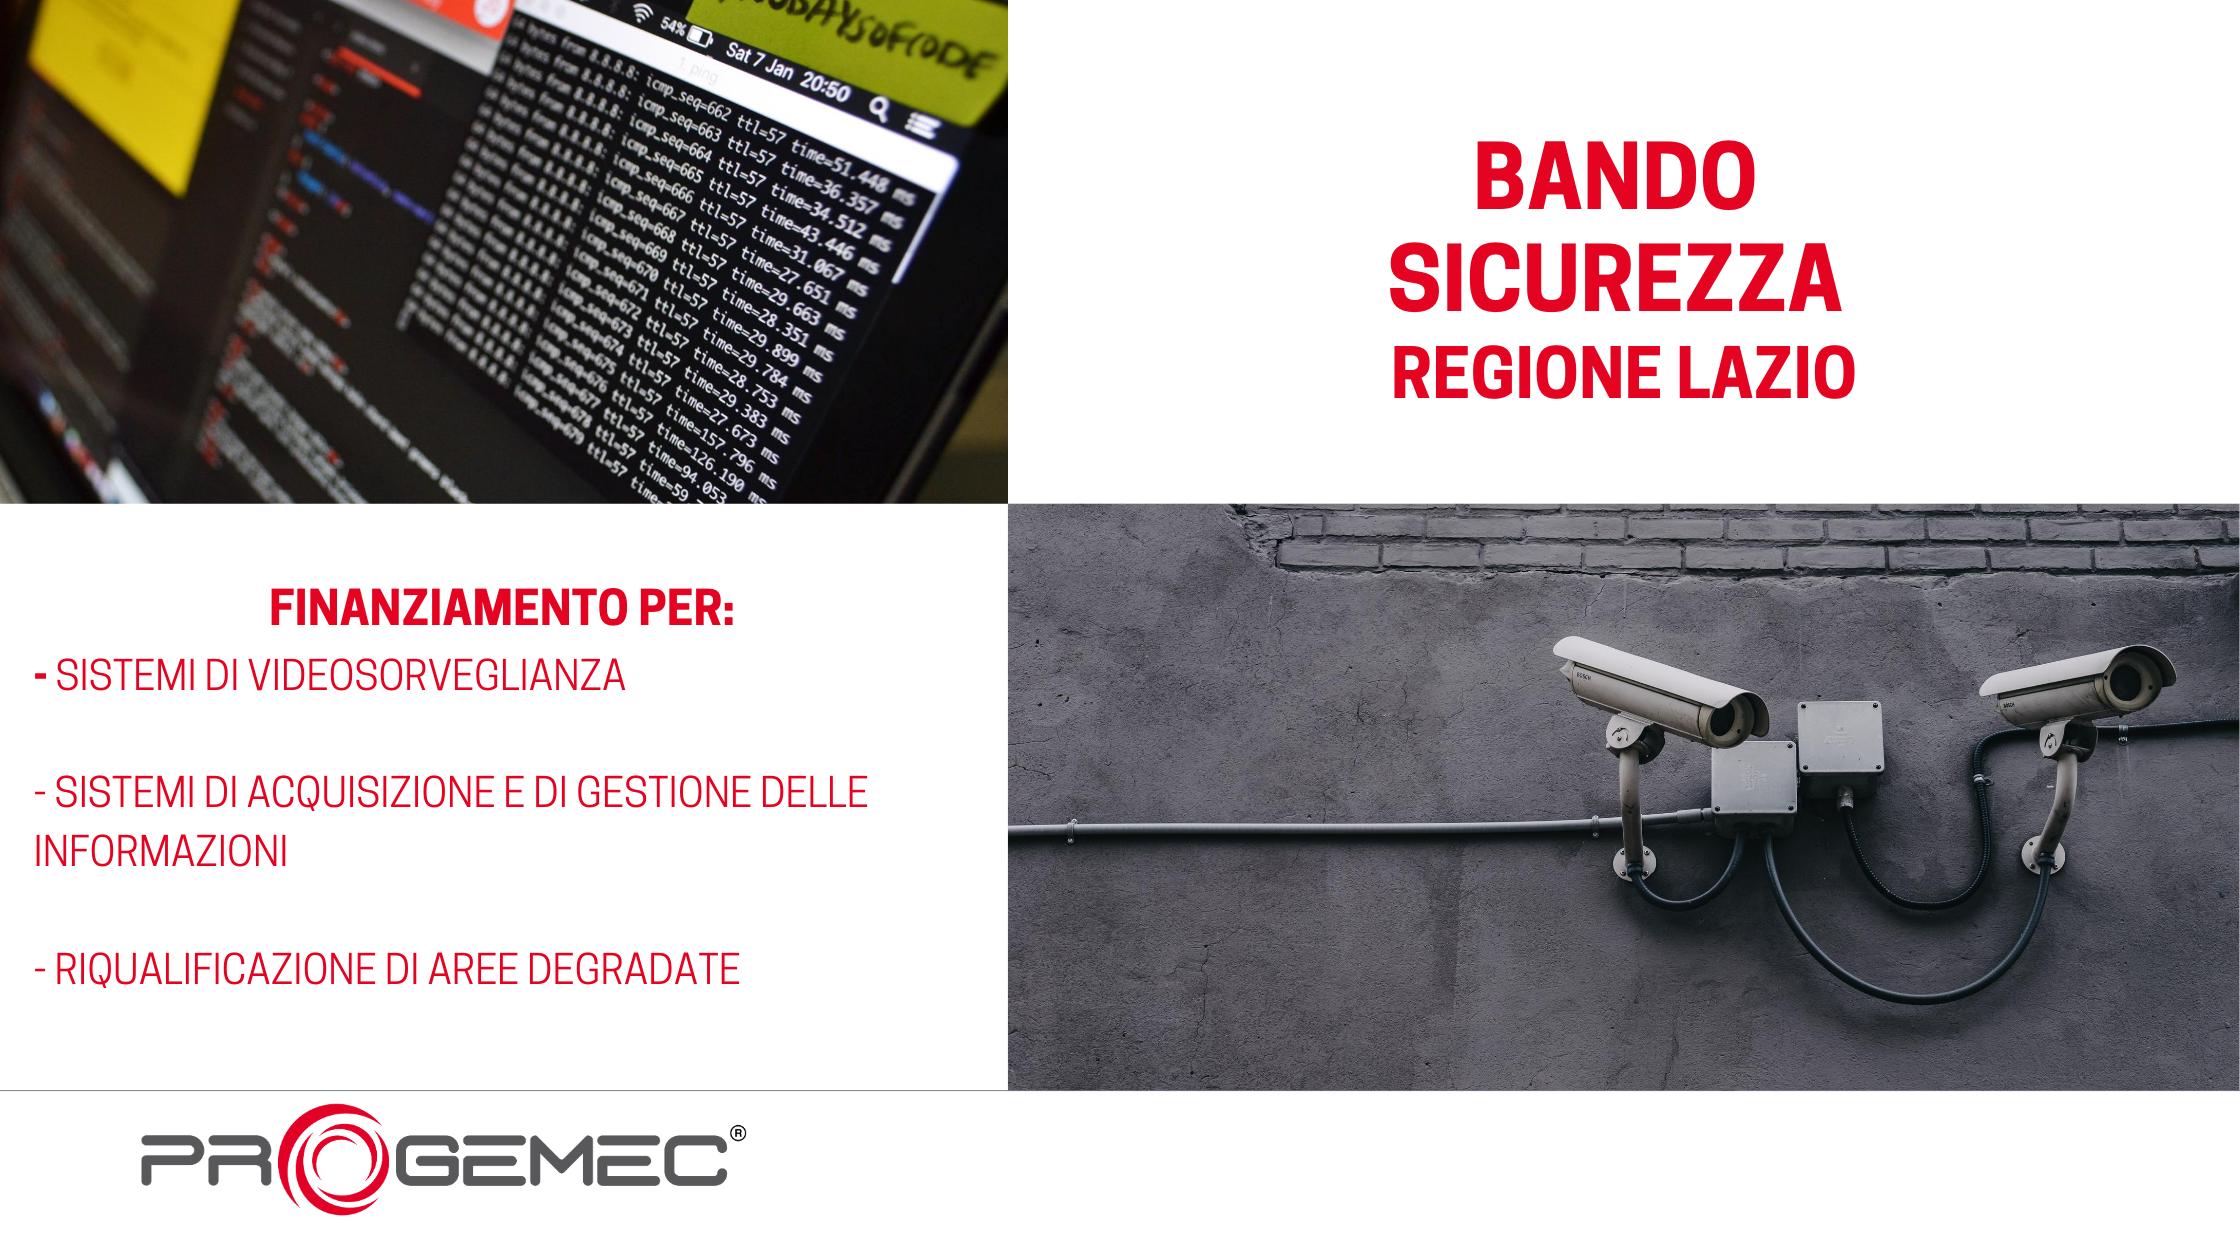 Bando sicurezza Regione Lazio